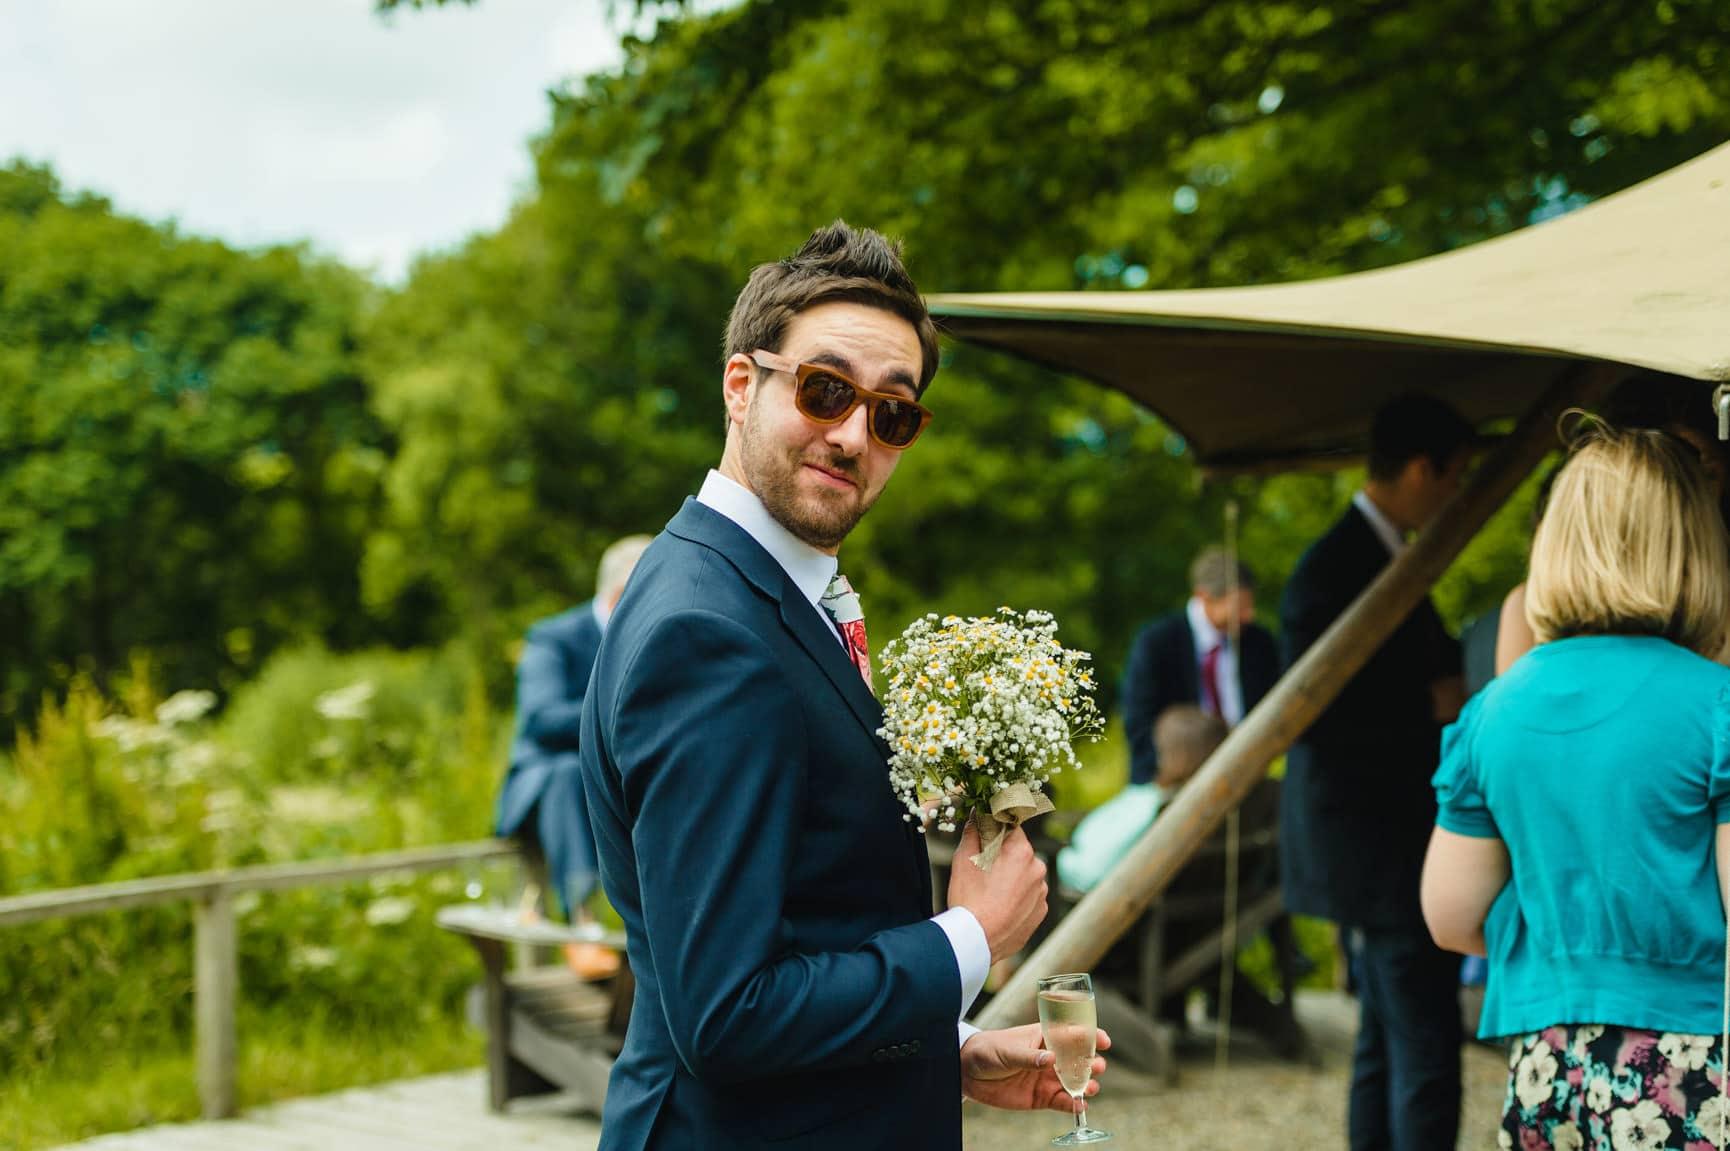 Fforest Wedding, Cardigan, Wales - Lauren and Gareth 99